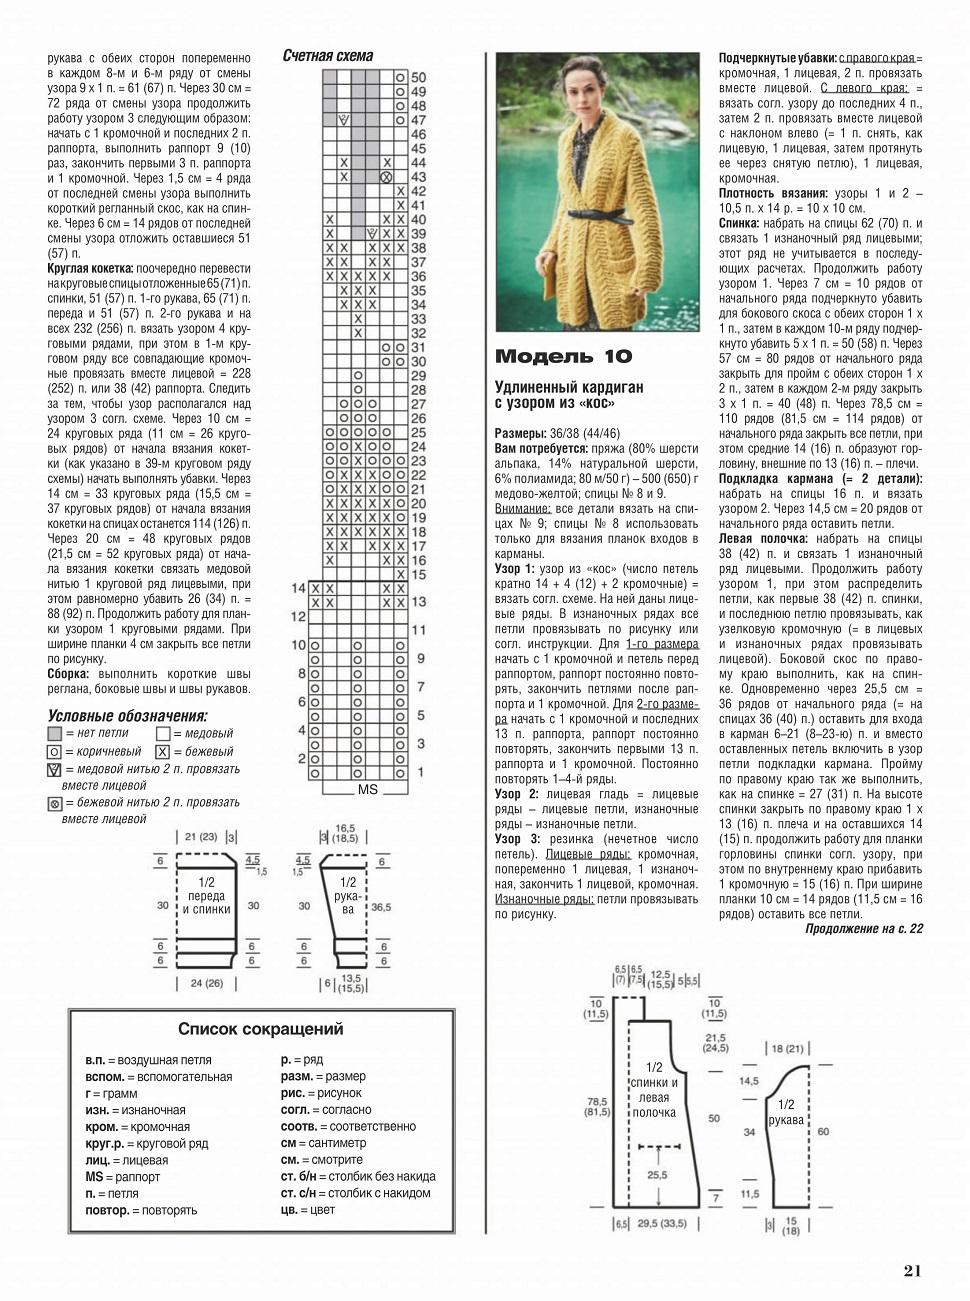 sabrin0119-21